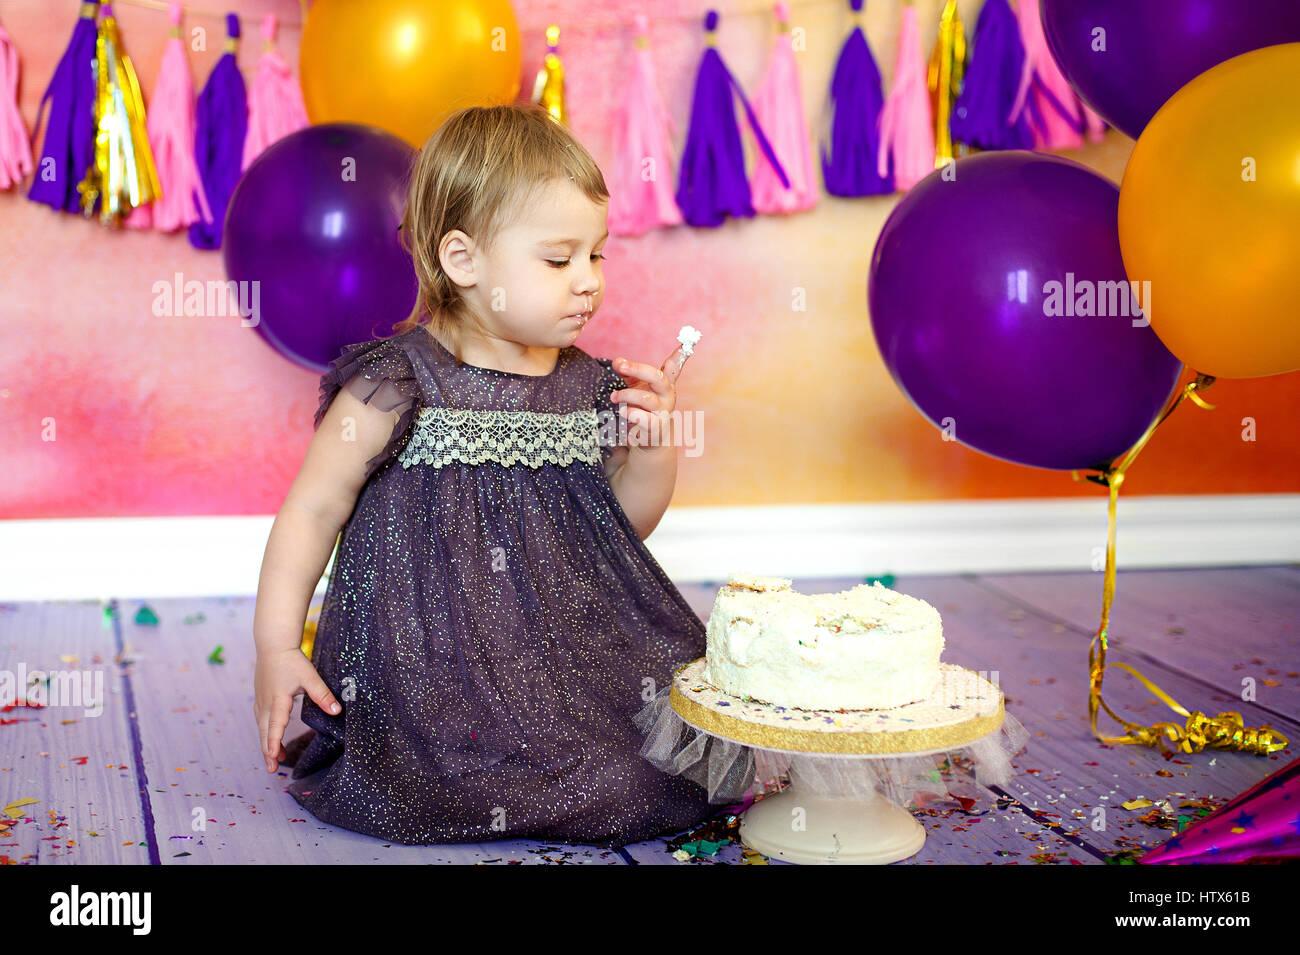 Bebé de dos años comiendo pastel. Fiesta de cumpleaños. Decoración guirnaldas y globos Imagen De Stock